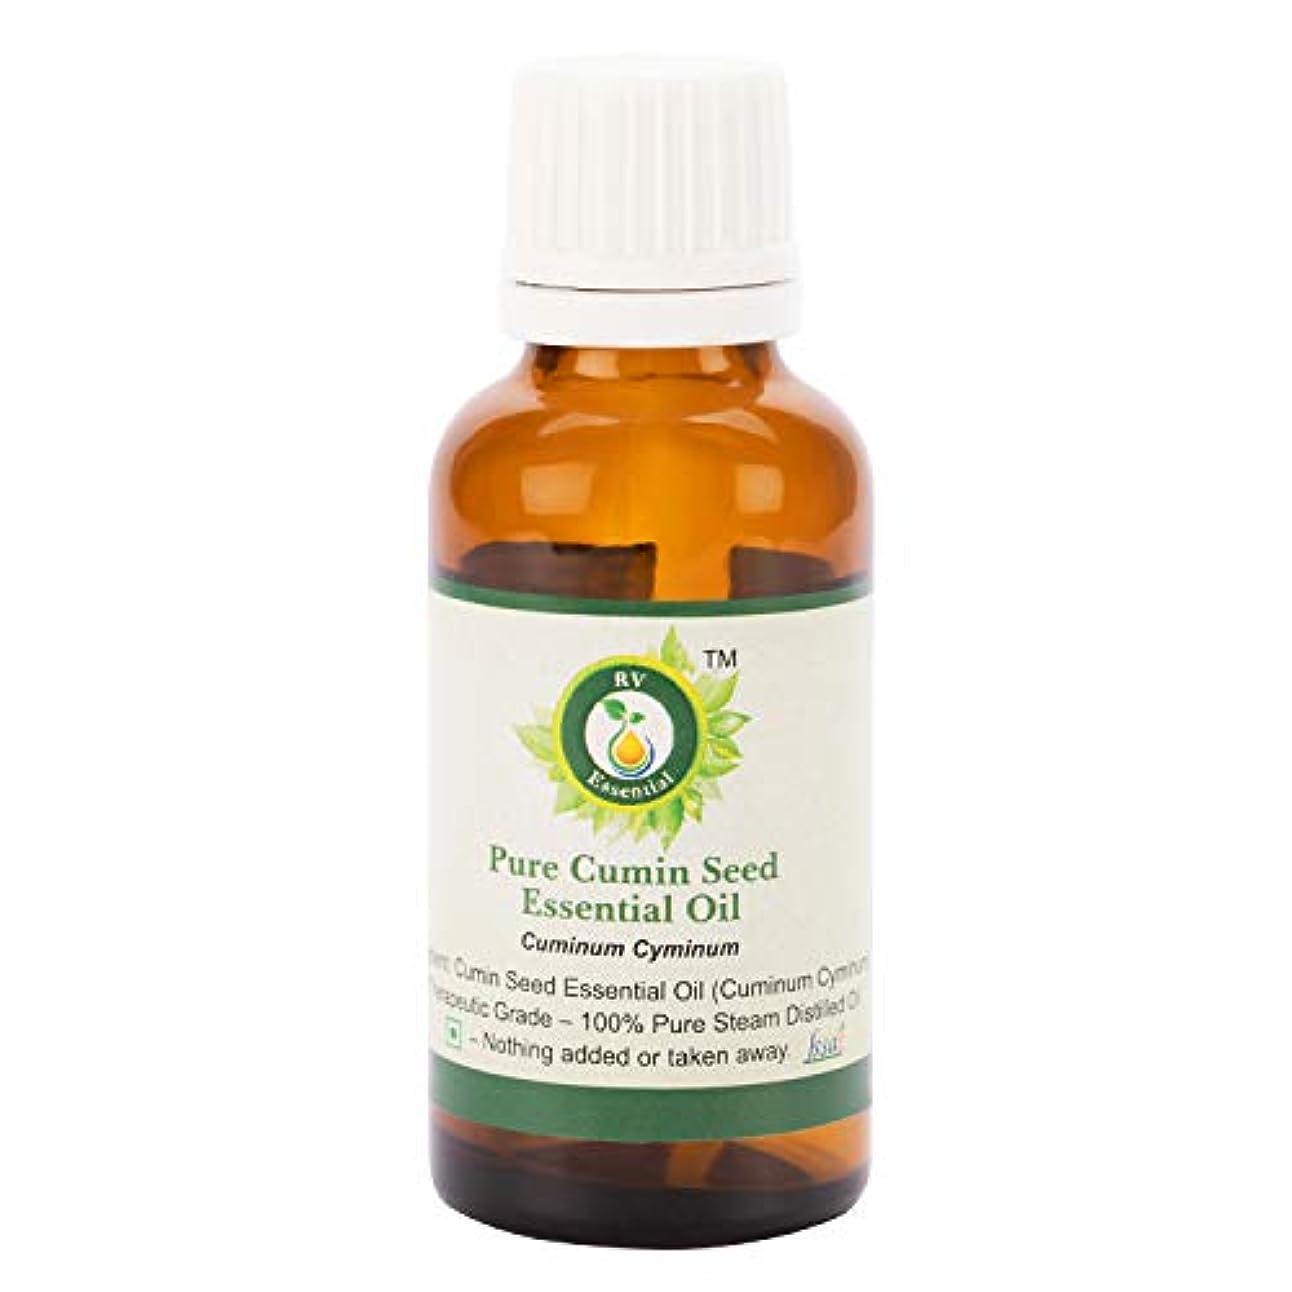 教会あらゆる種類の接地ピュアクミンシードエッセンシャルオイル5ml (0.169oz)- Cuminum Cyminum (100%純粋&天然スチームDistilled) Pure Cumin Seed Essential Oil